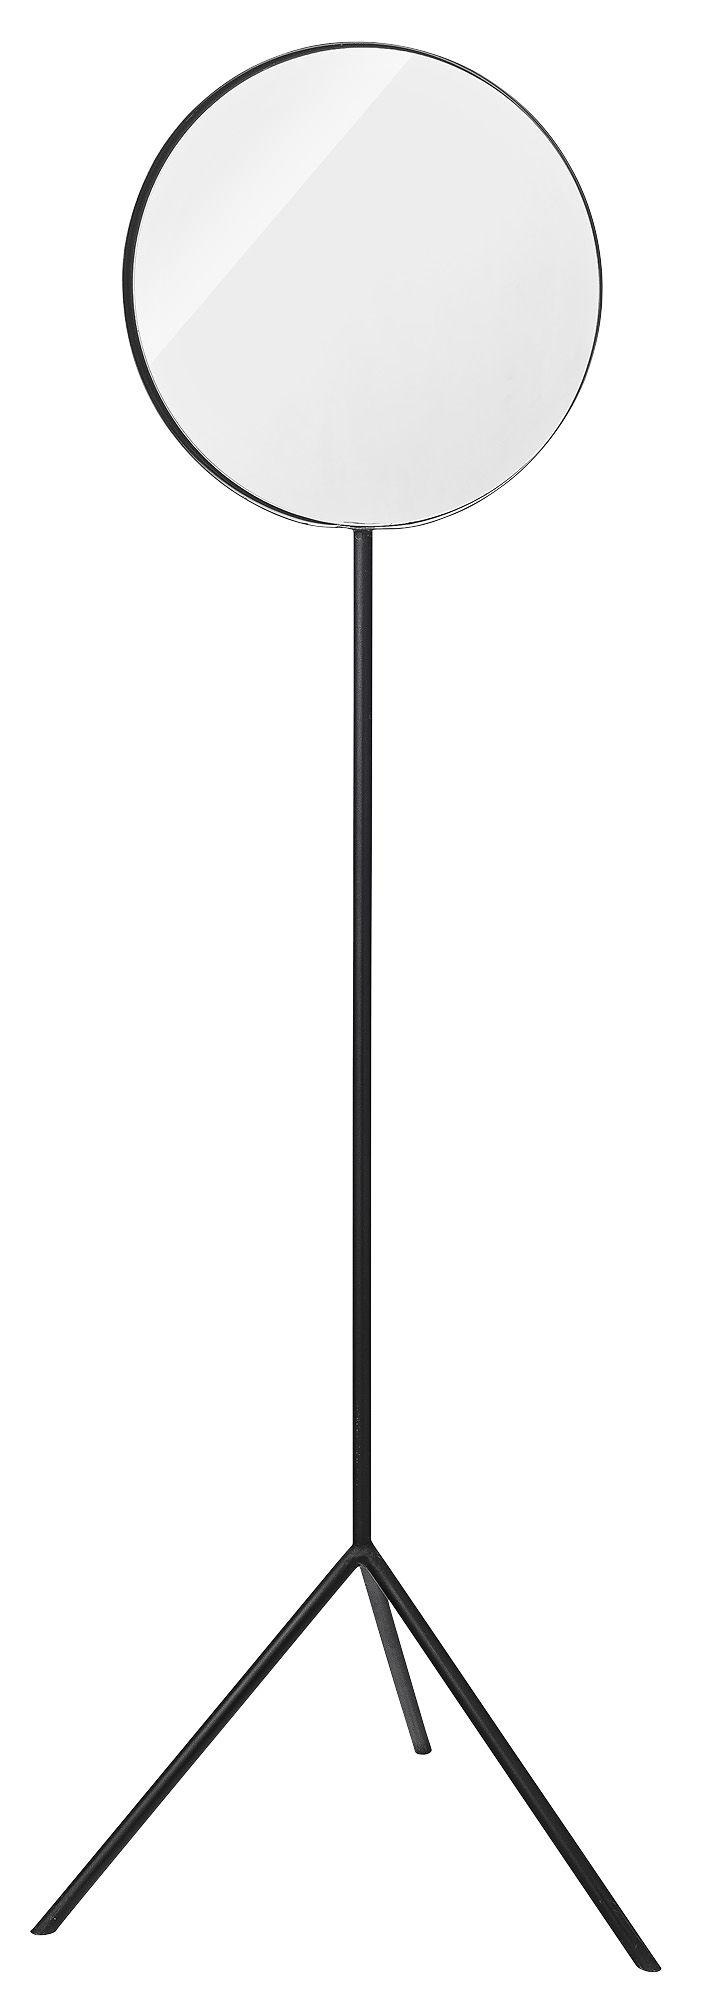 miroir sur pied tripod h 180 cm noir bloomingville